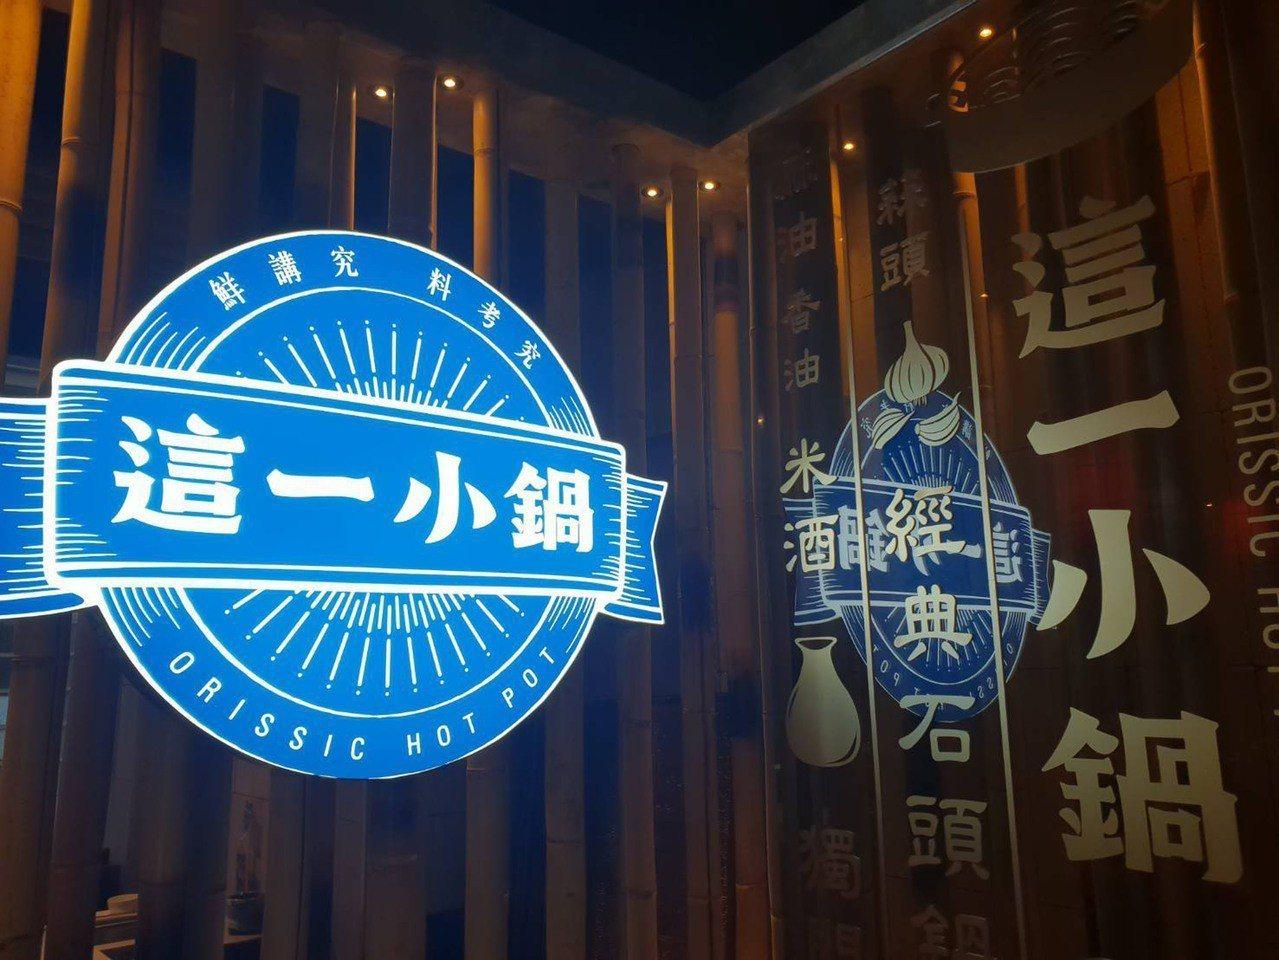 美食-KY(2723)轉投資這一鍋餐飲集團,旗下3品牌今年業績上看11.5億元,...